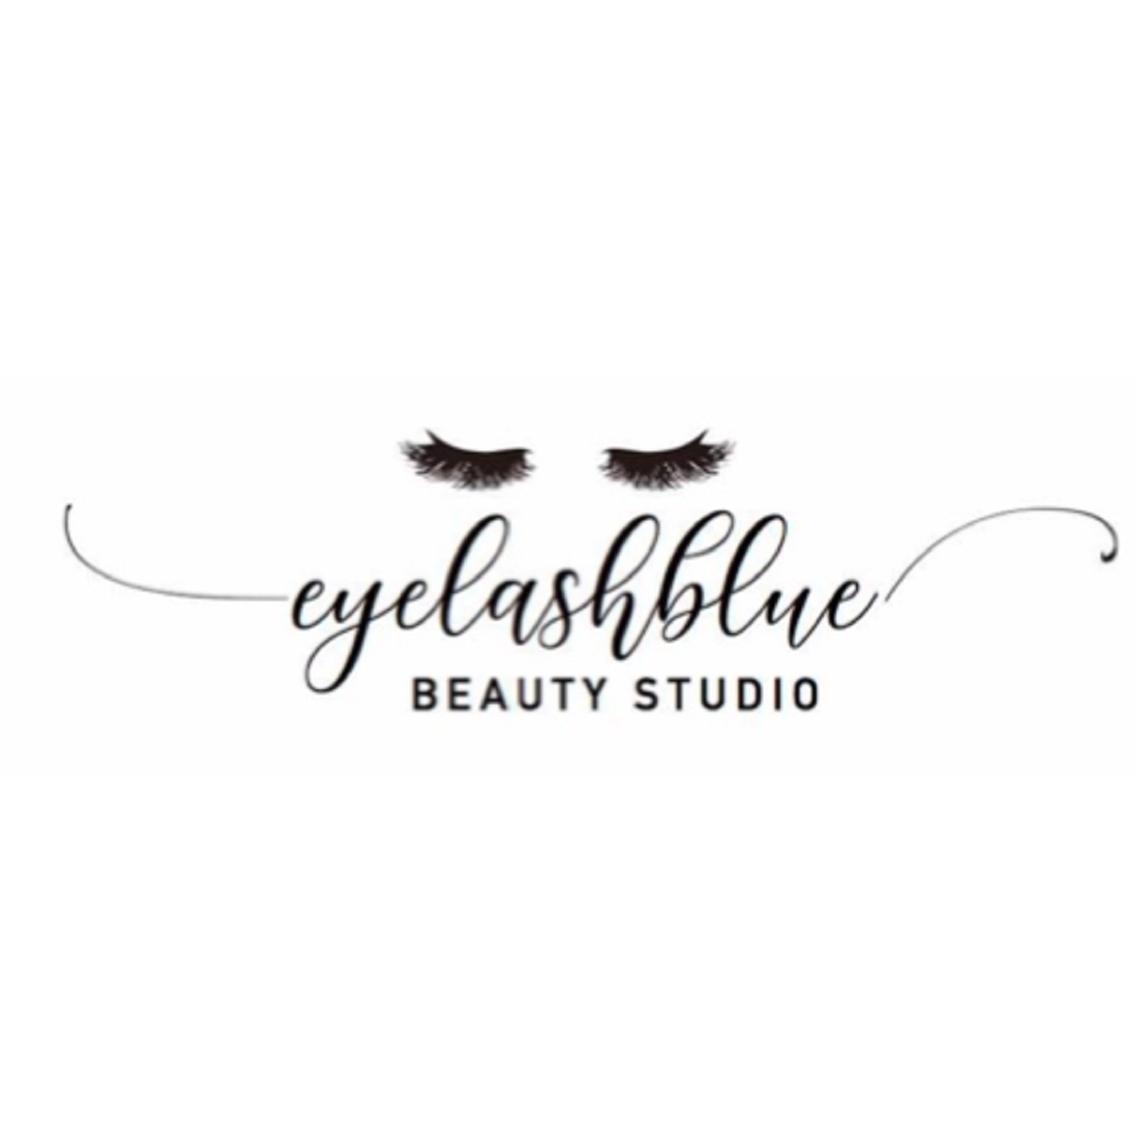 EyelashBLUE-アイラッシュブルー所属・EyelashBLUEの掲載